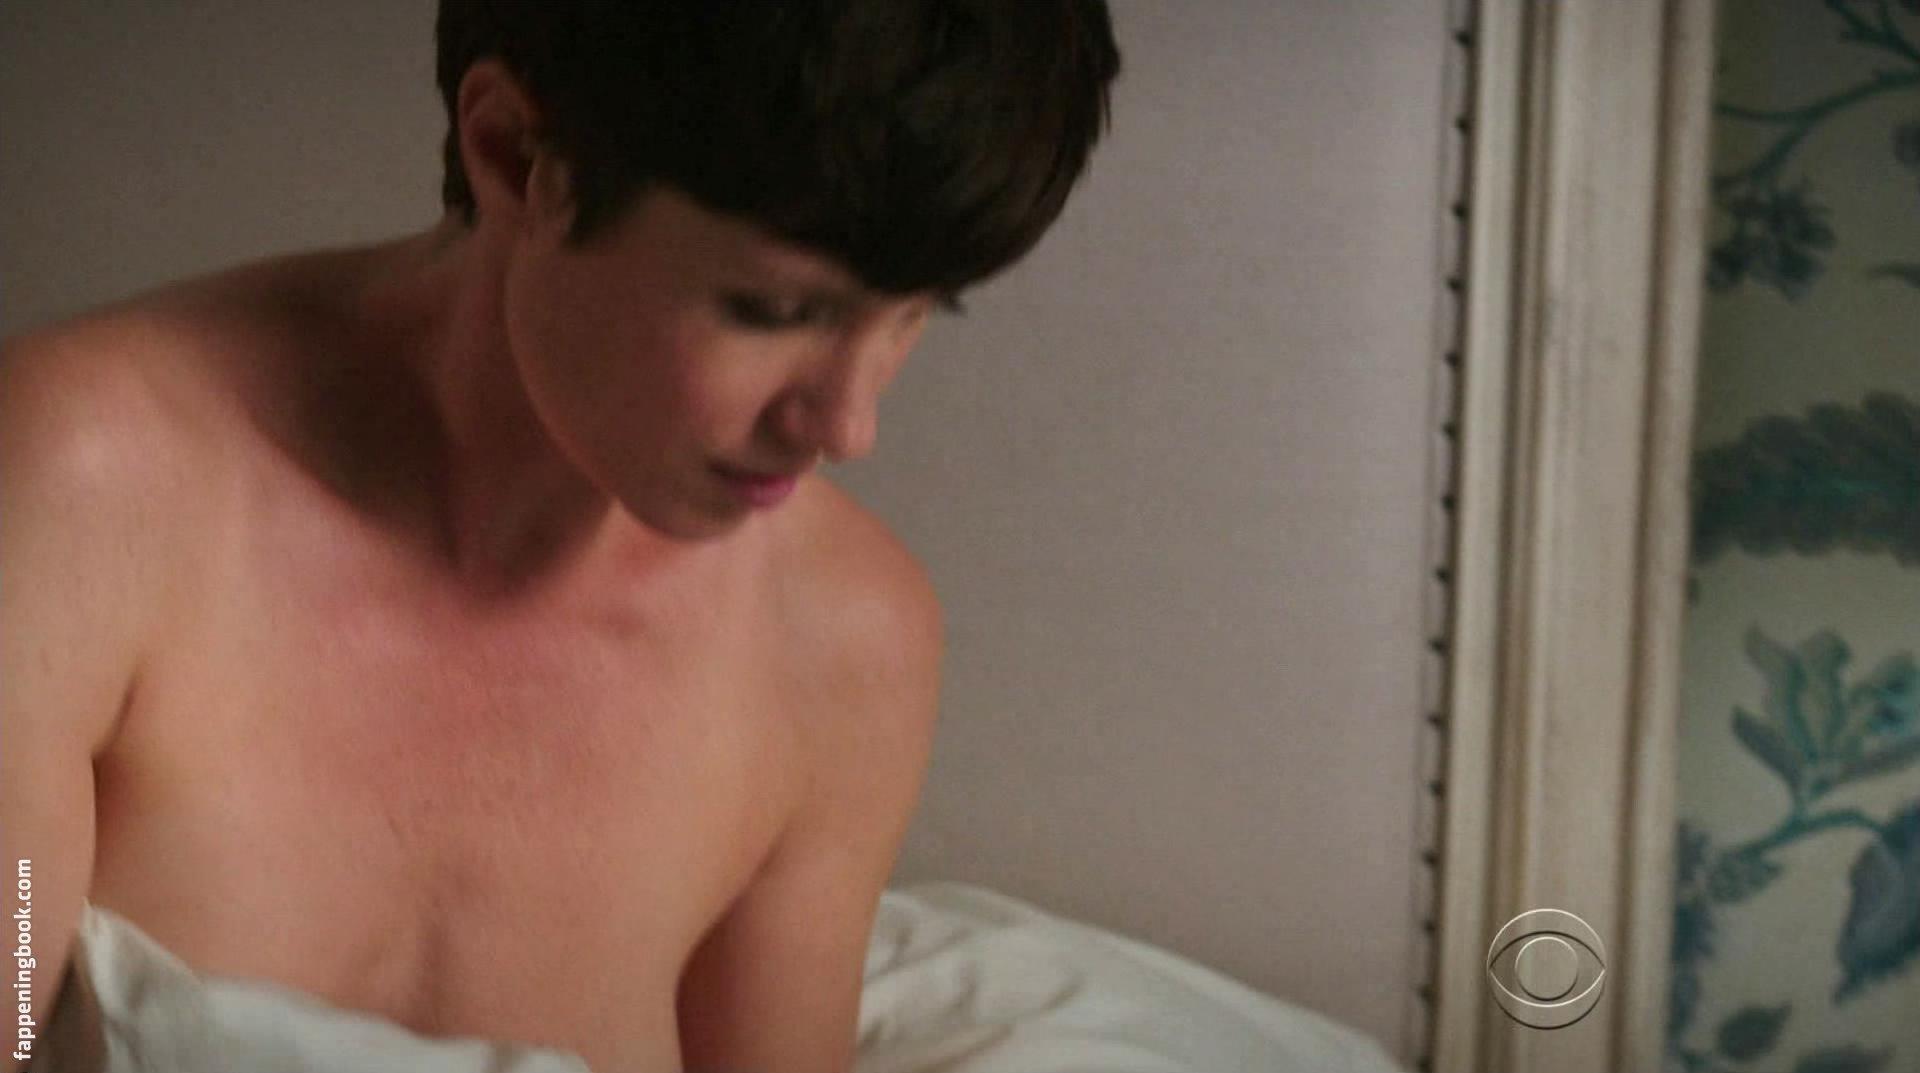 Topless zoe mclellan We provide